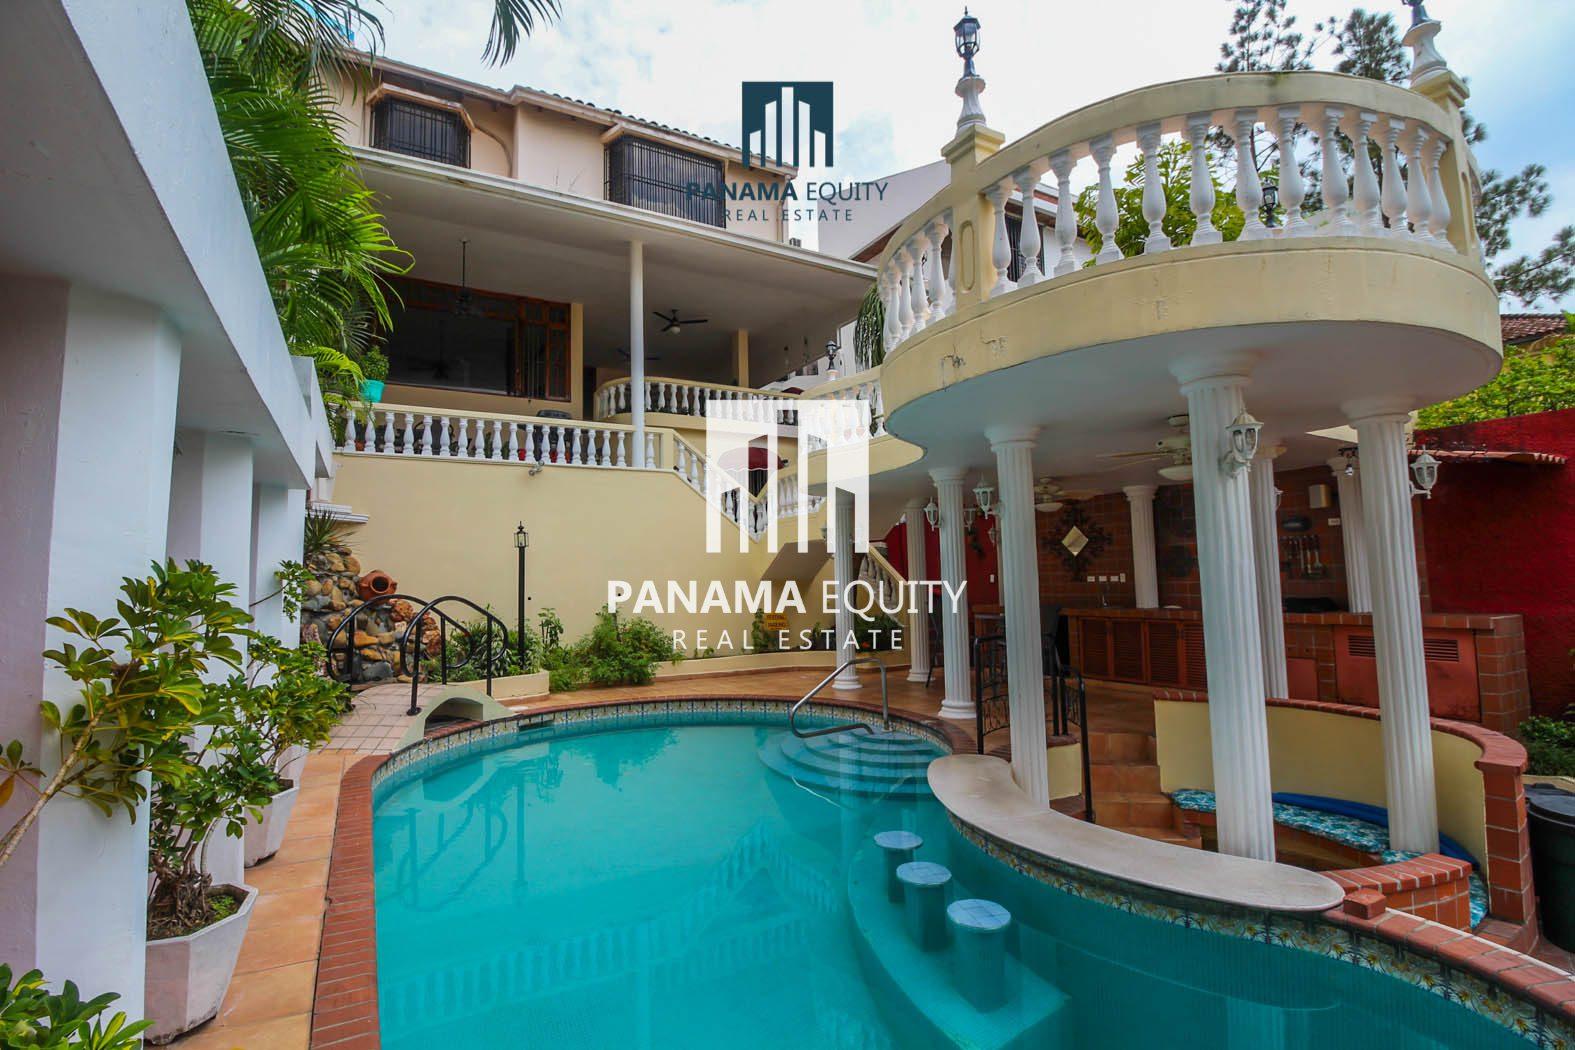 Espaciosa residencia cerca del centro de la ciudad de Panamá